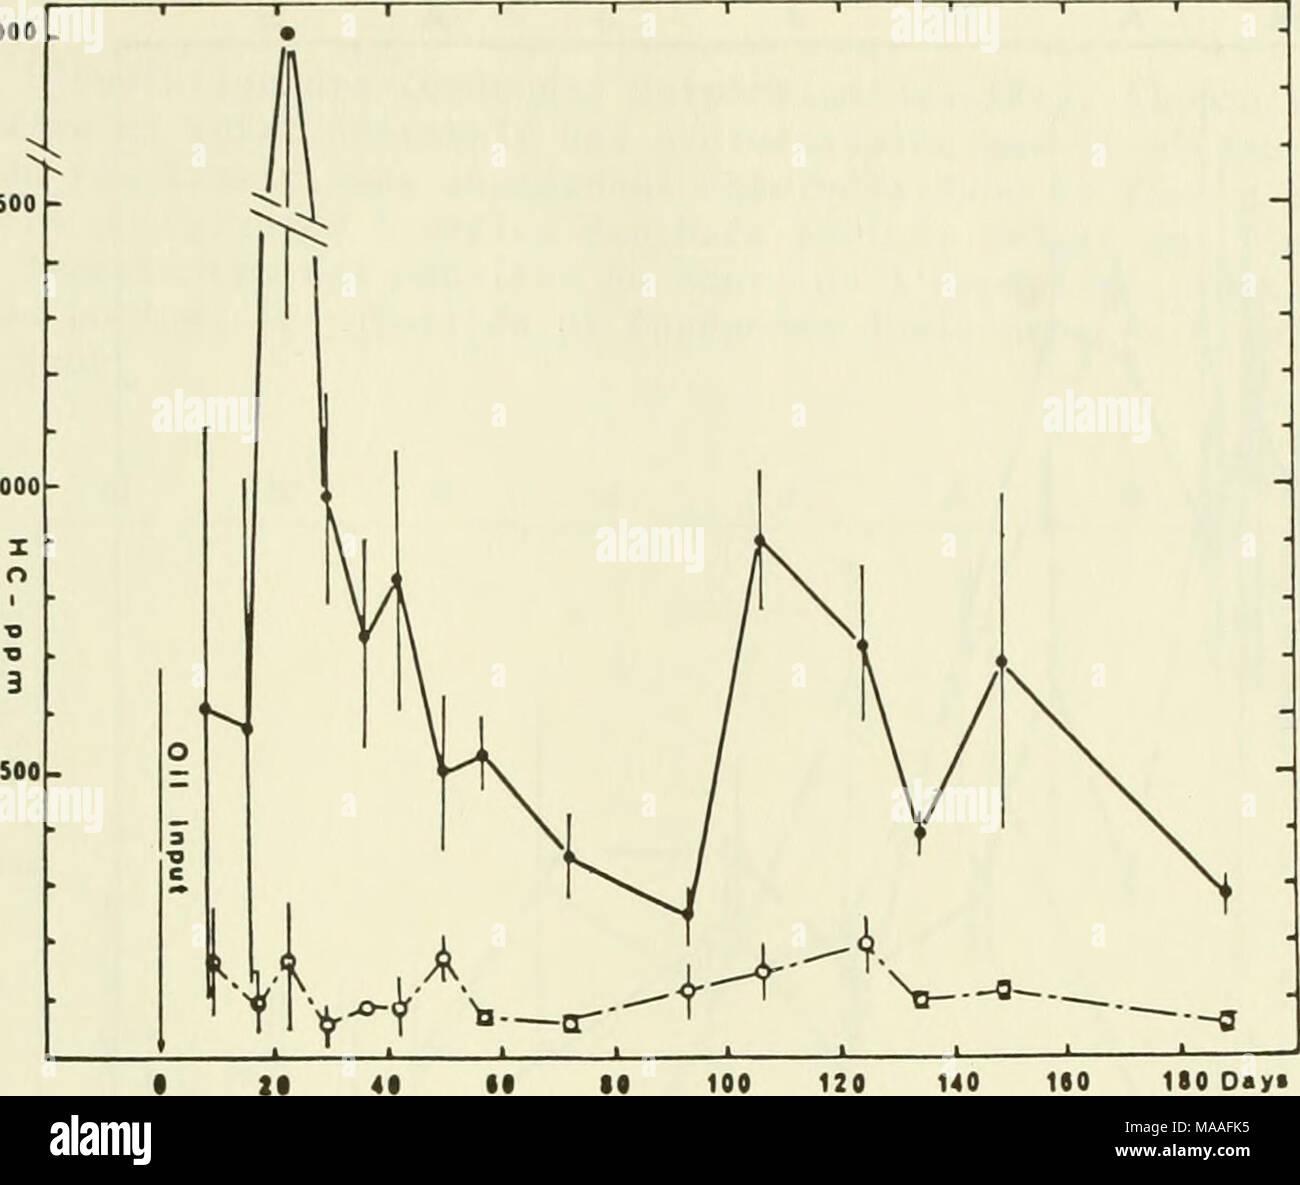 """. Ecological study of the Amoco Cadiz oil spill : report of the NOAA-CNEXO Joint Scientific Commission . ISO Day* FIGURE 2. Evolution des teneurs en hydrocarbures et de leur ecart a la moyenne, dosees par la methode infra-rouge apres passage sur Fluorisil, dans le sable des modules fortement pollues (100 g HC : • •) et faiblement pollues (10 g HC : o -""""-'o). Les hydrocarbures sont presque toujours concentres dans les quatre premiers centimetres du sediment. La difficulte d'interpretation des resultats des dosages effec- tues par infrarouge apres passage de l'extrait au CCli, sur Fluorisil Stock Photo"""